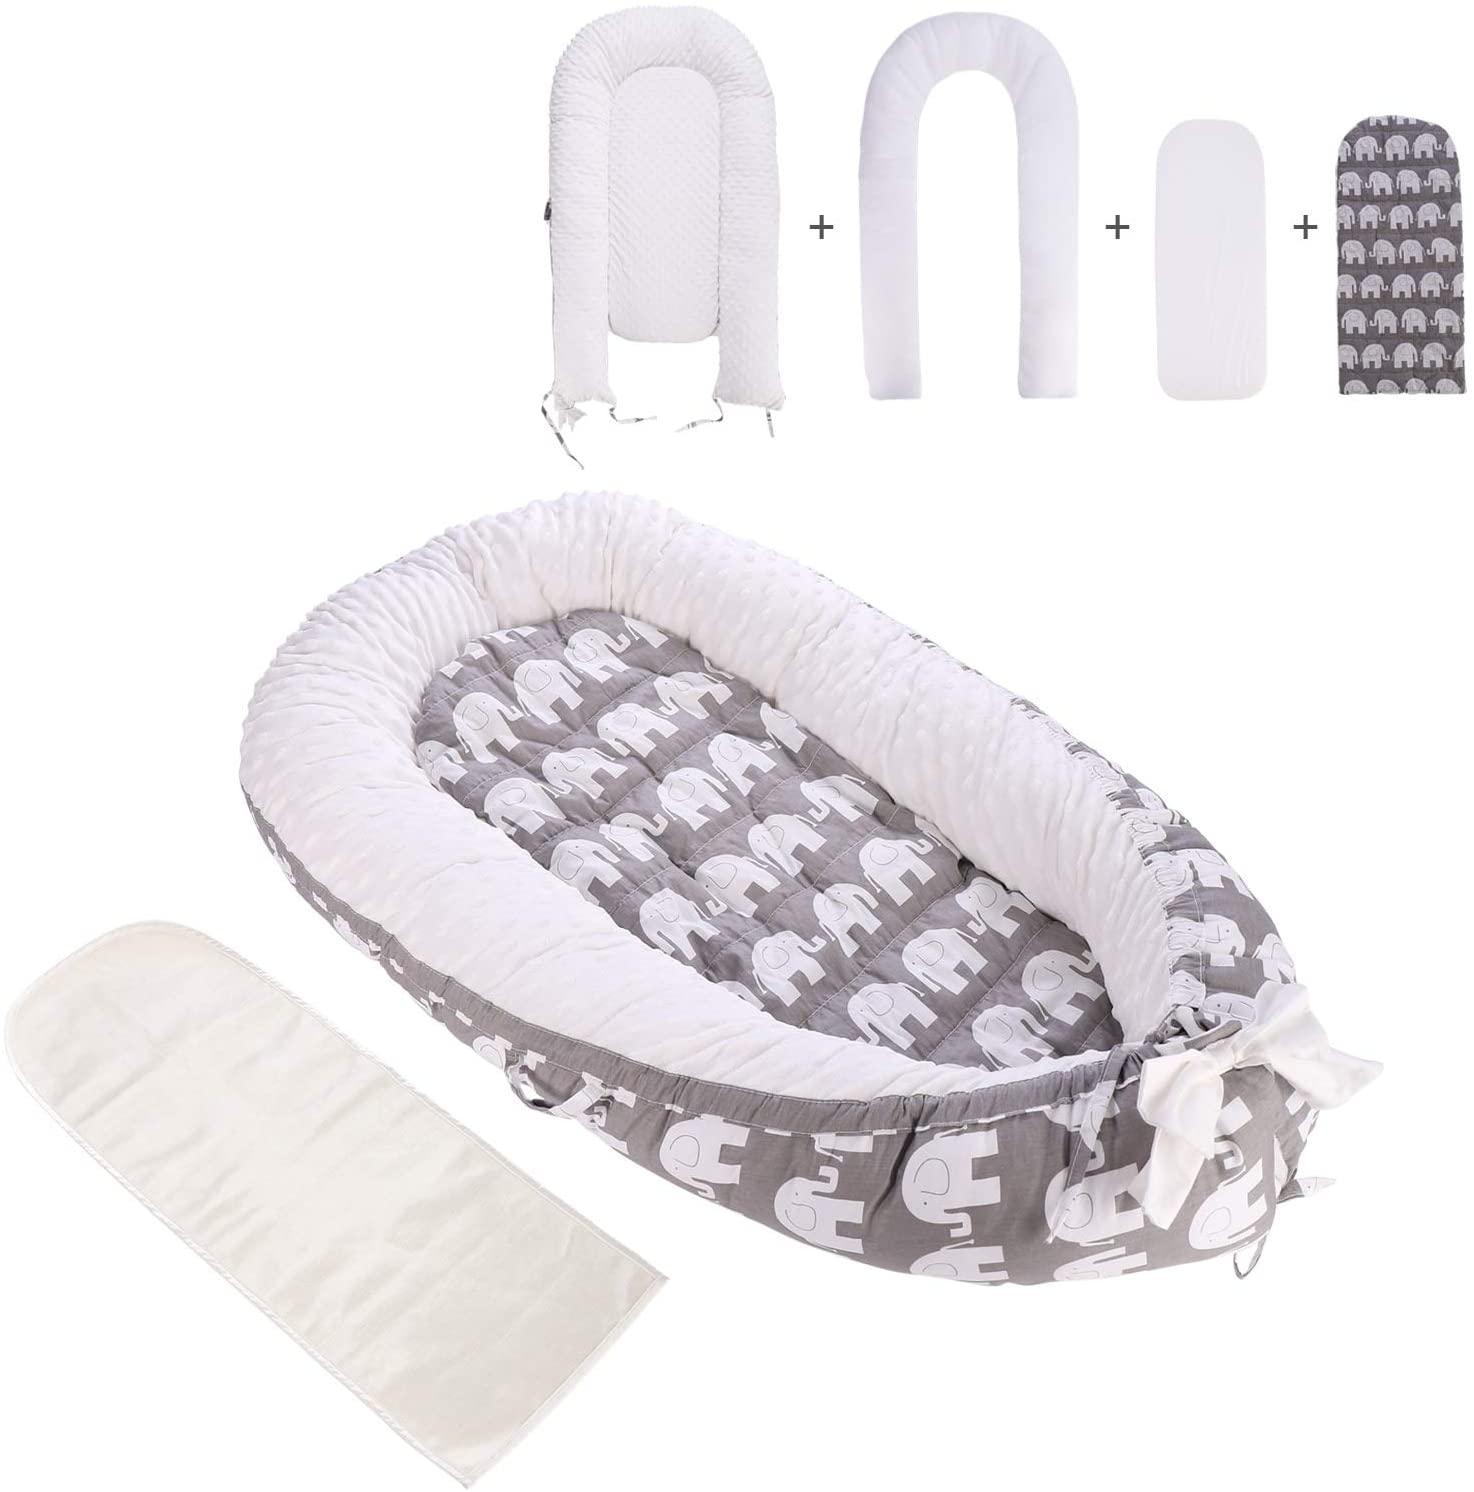 Nido para Bebés Recien Nacido Cama para Cuna biónica hipoalergénica de espuma de algodón suave y transpirable para recién nacidos de lujo con 2 colchones reemplazables (Gris/elefante)